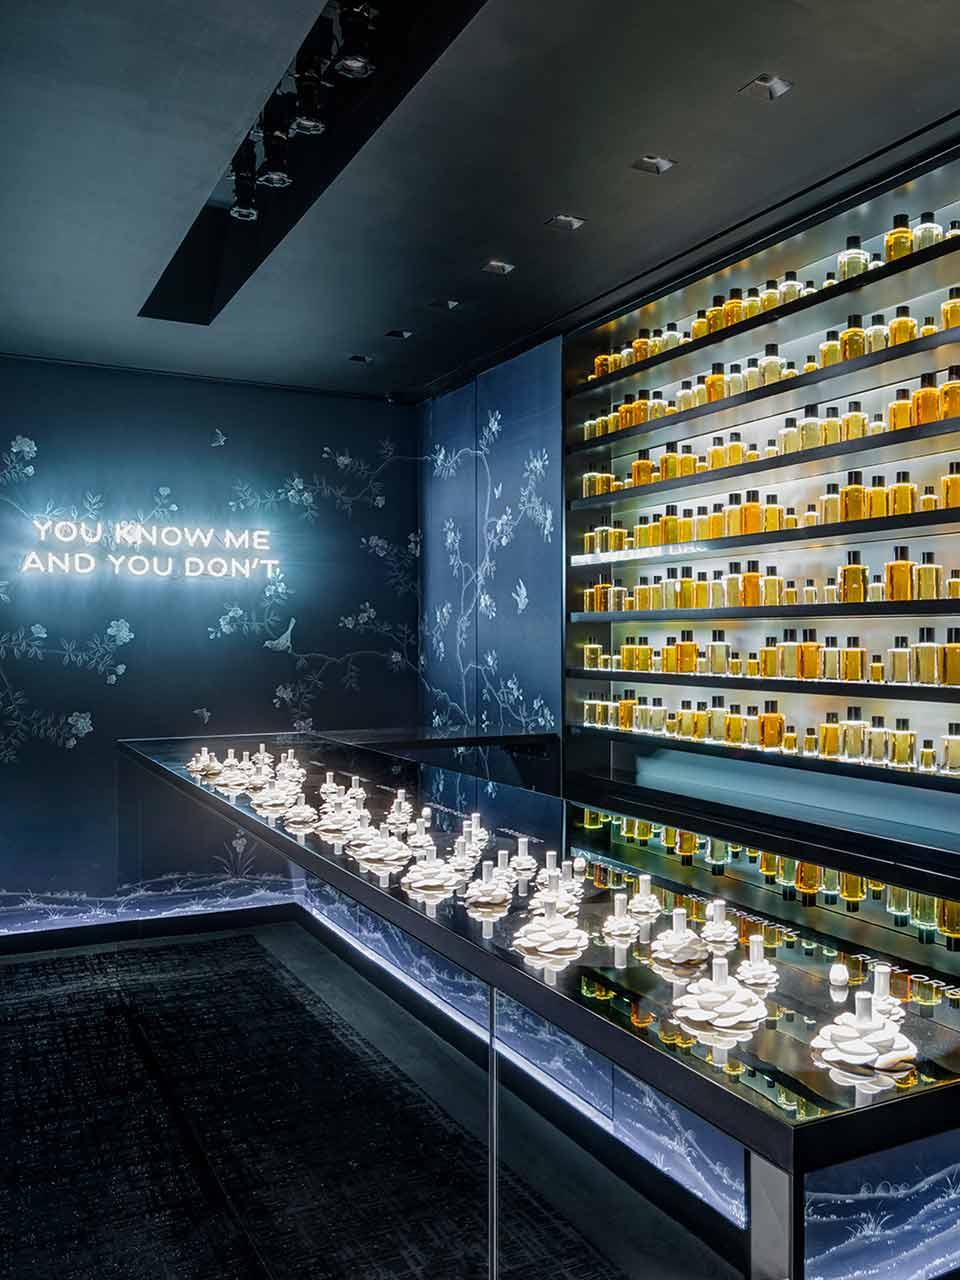 Atelier Beaute Chanel New York Fragrance